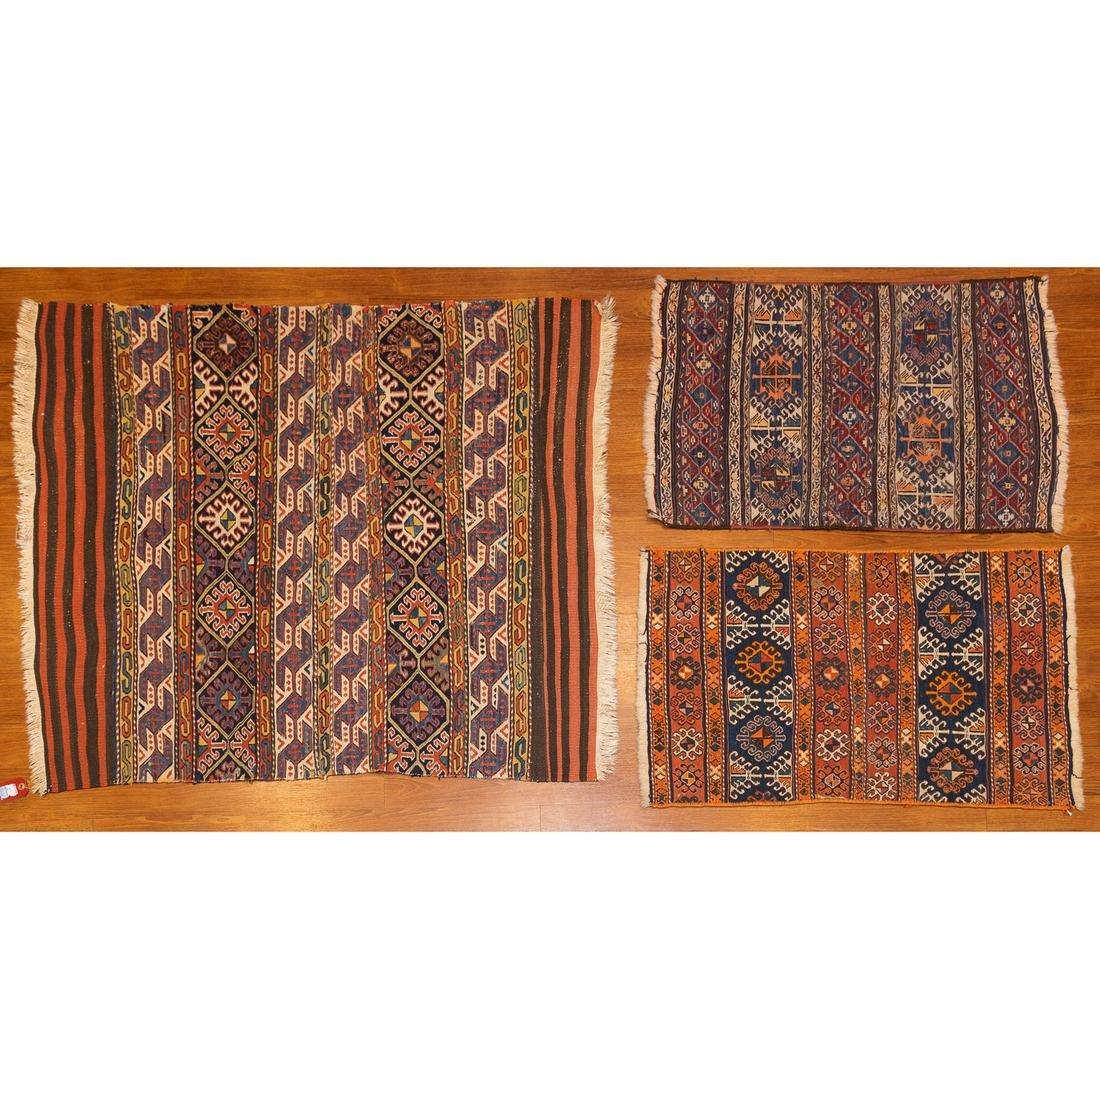 Group of 3 Turkeman Soumac Rugs, Turkestan